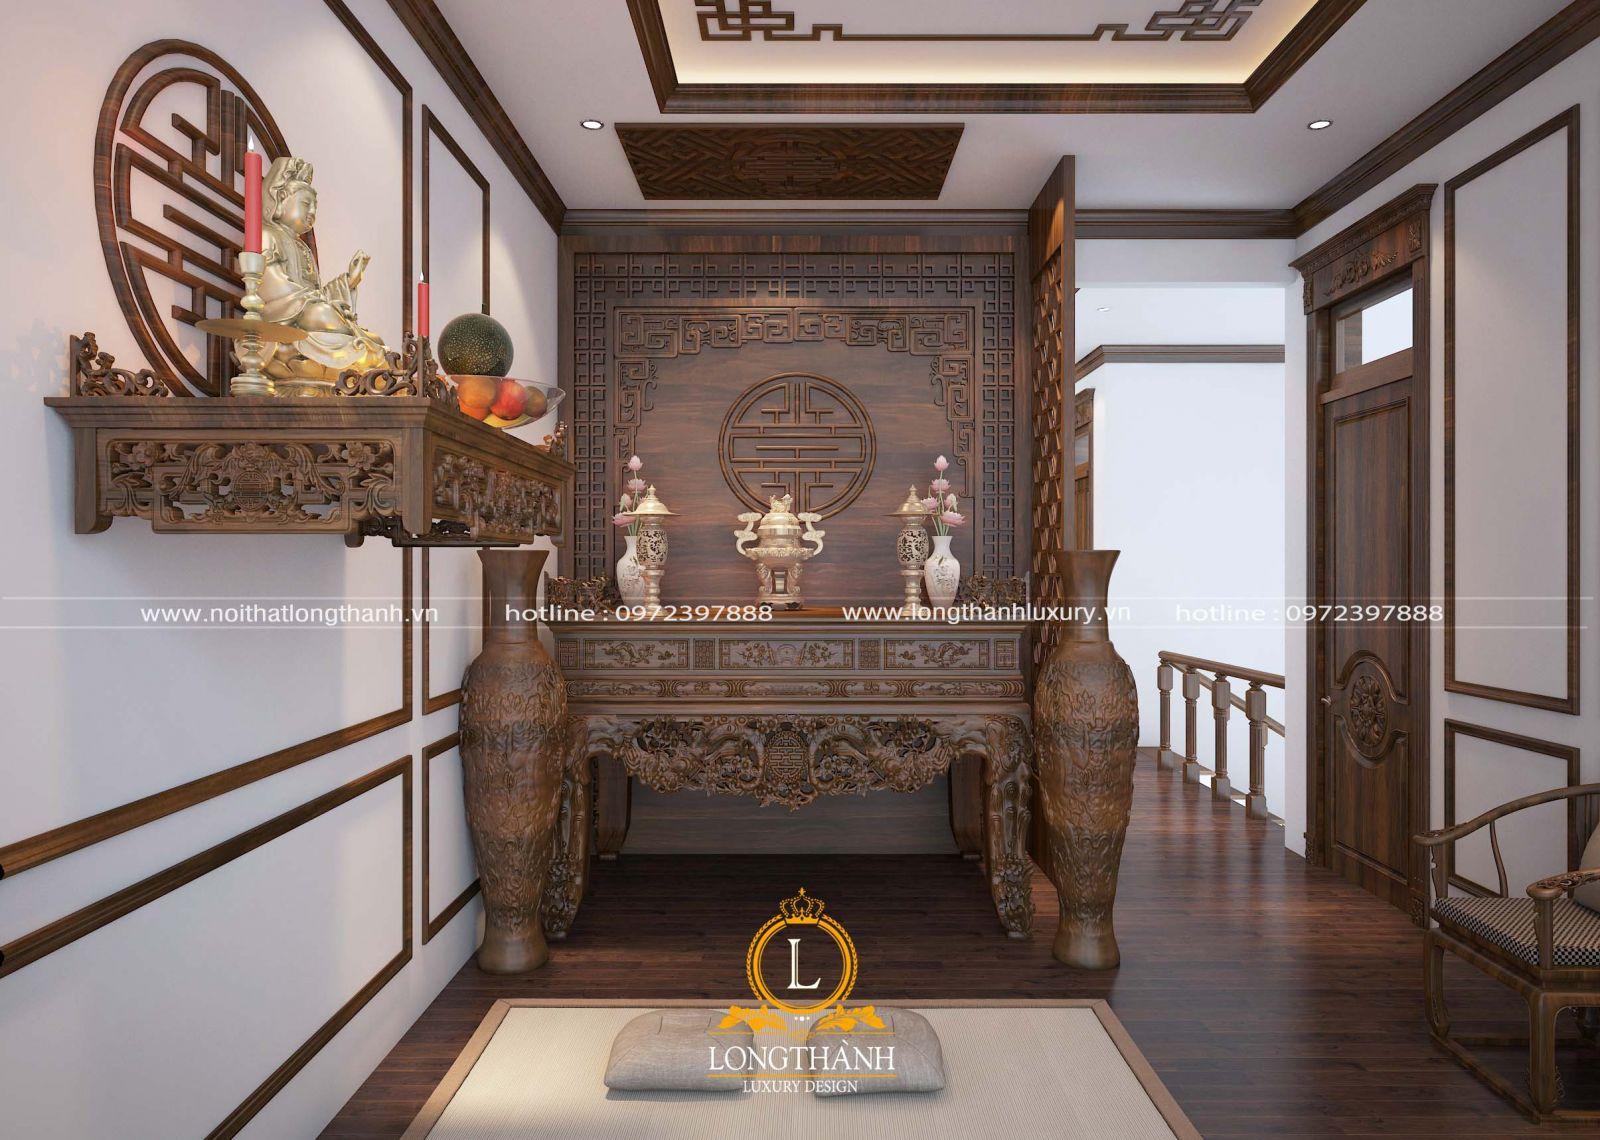 Thiết kế phòng thờ phật tân cổ điển sang trọng uy nghiêm cho nhà biệt thự